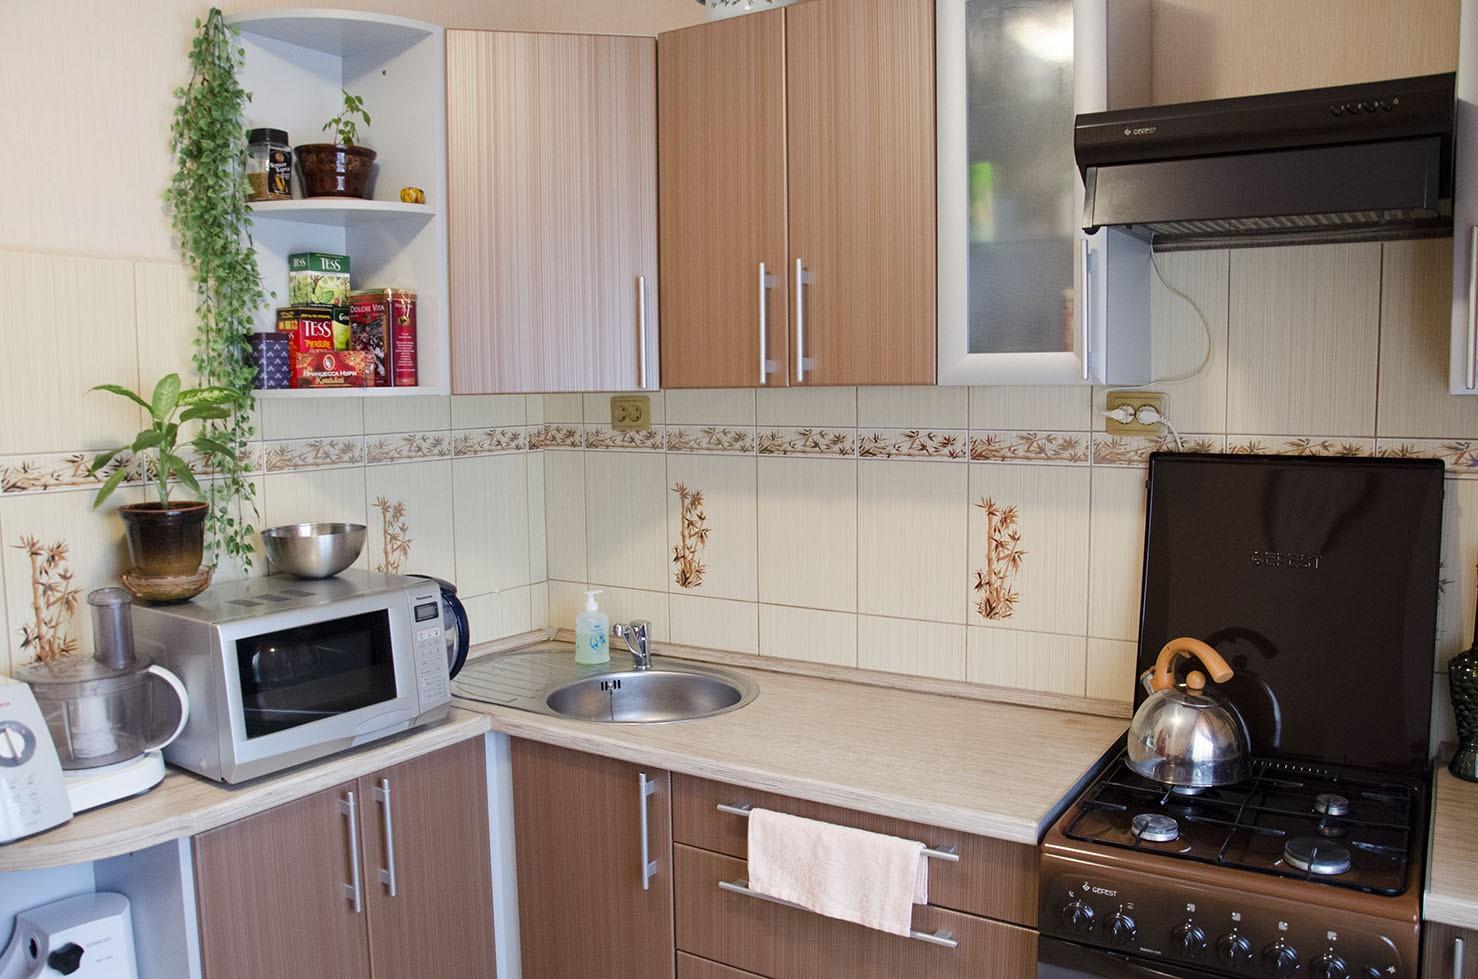 Угловая кухня своими руками реальные фото, видео, советы, ссылки 18